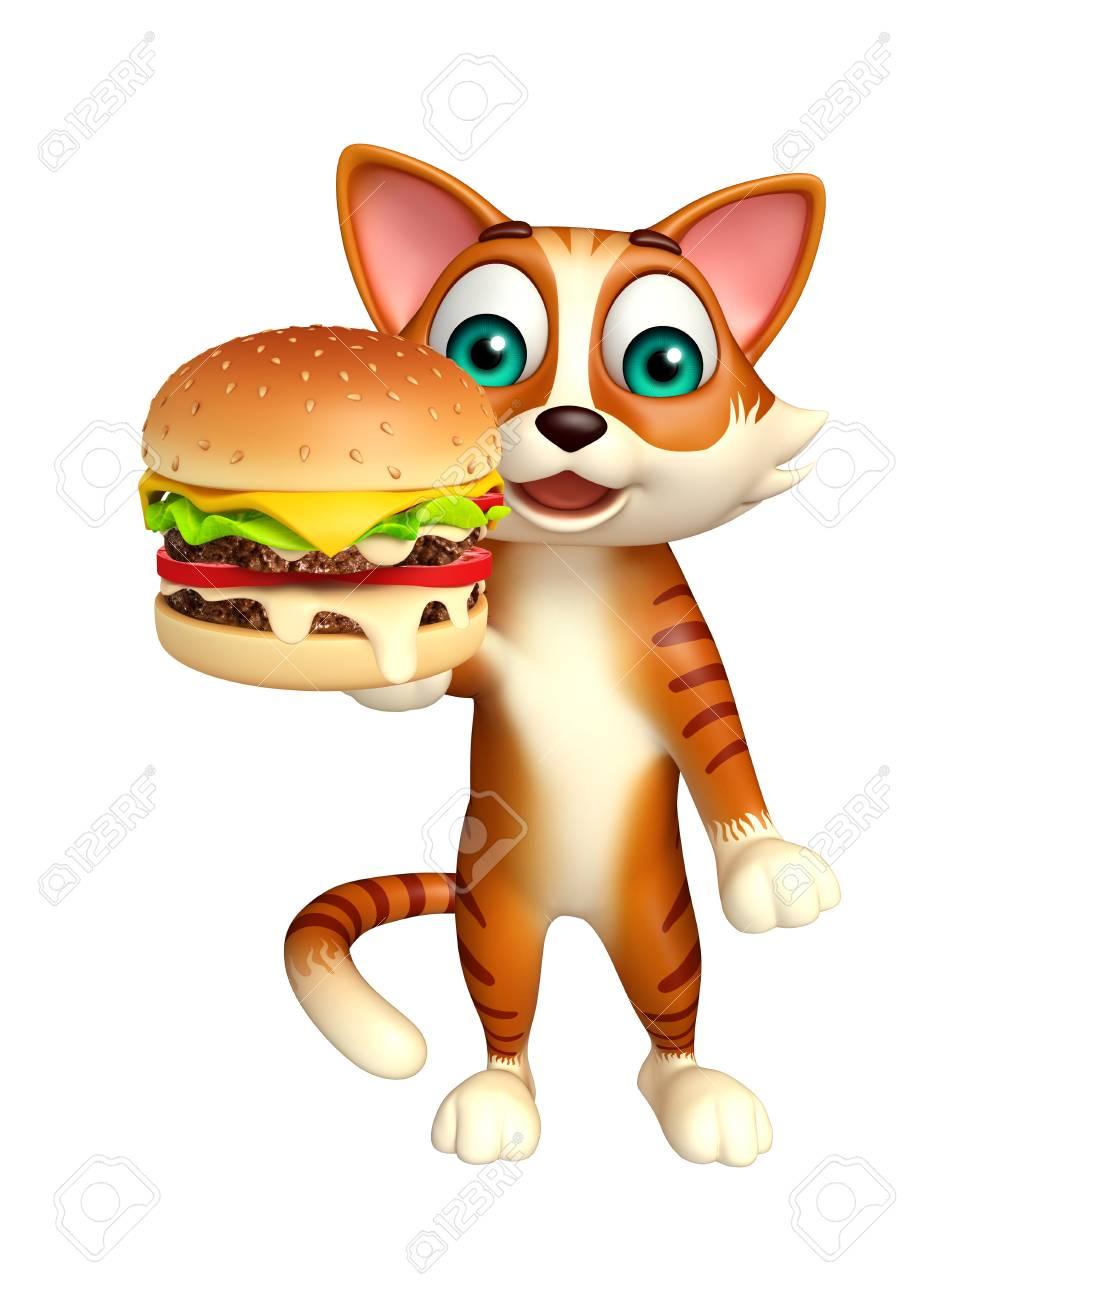 ハンバーガーの猫アニメ キャラクターの 3 D レンダリングされたイラストレーション